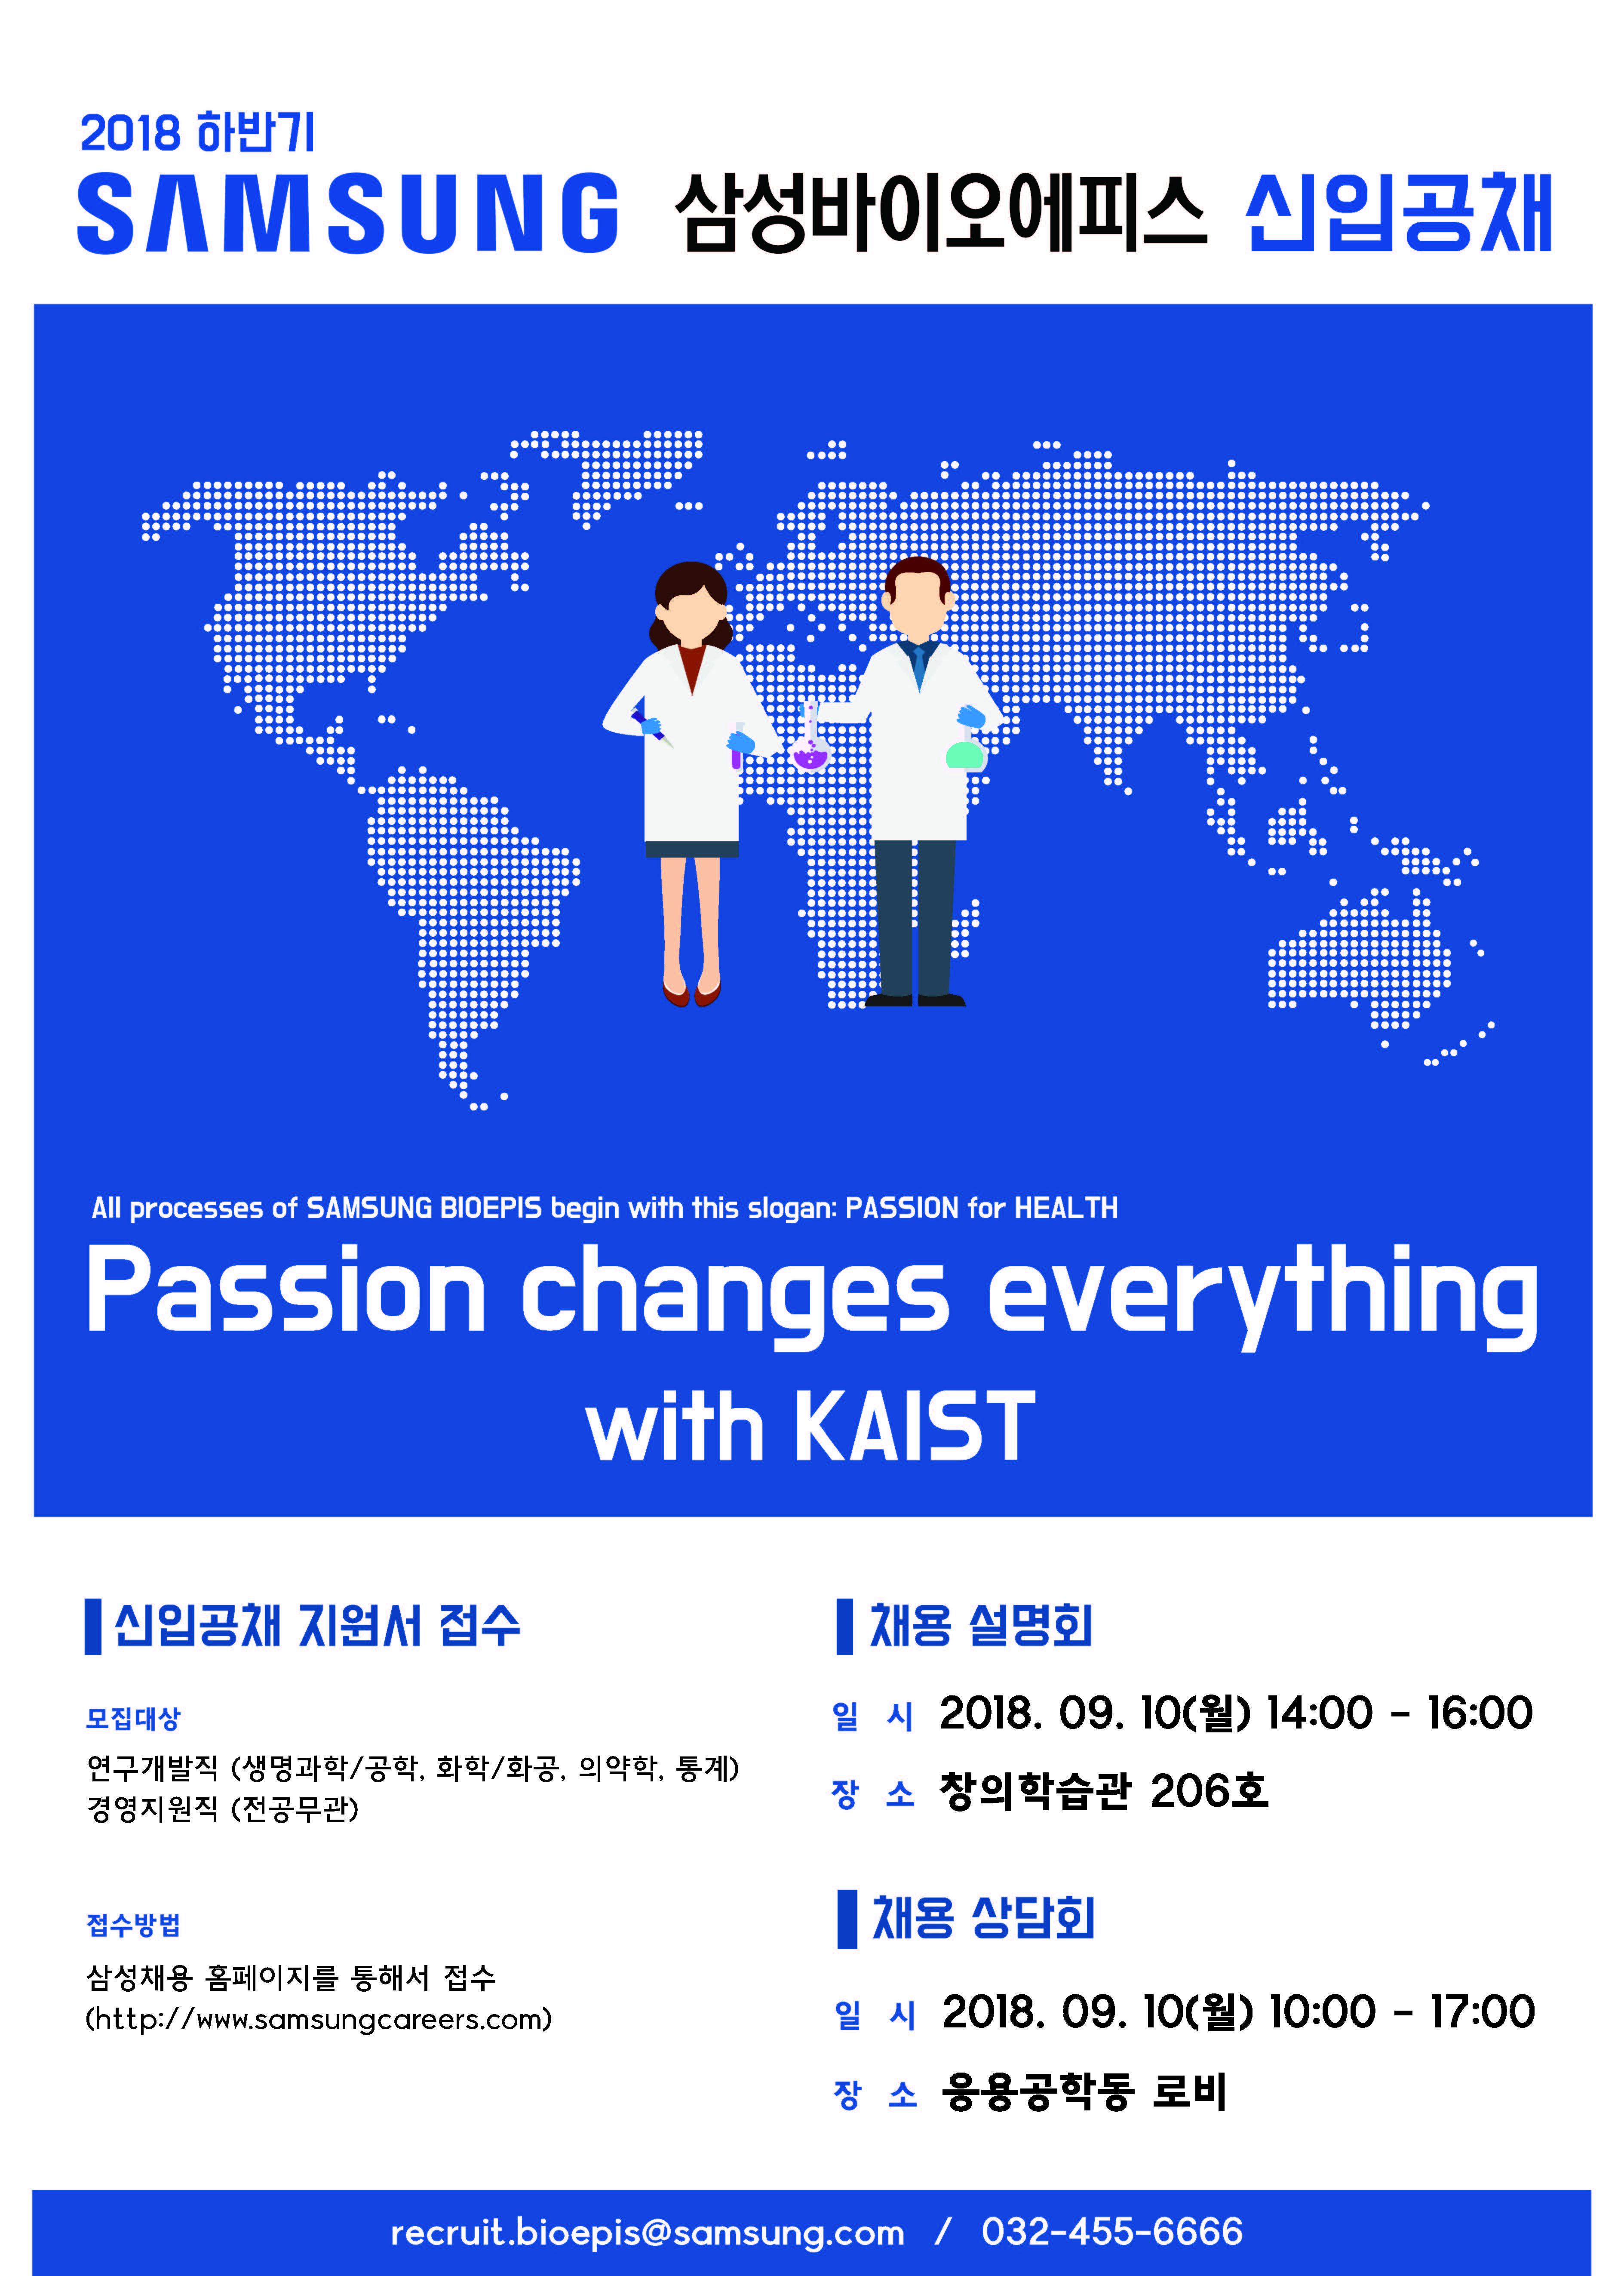 2018 하반기 리크루팅 포스터_KAIST.jpg